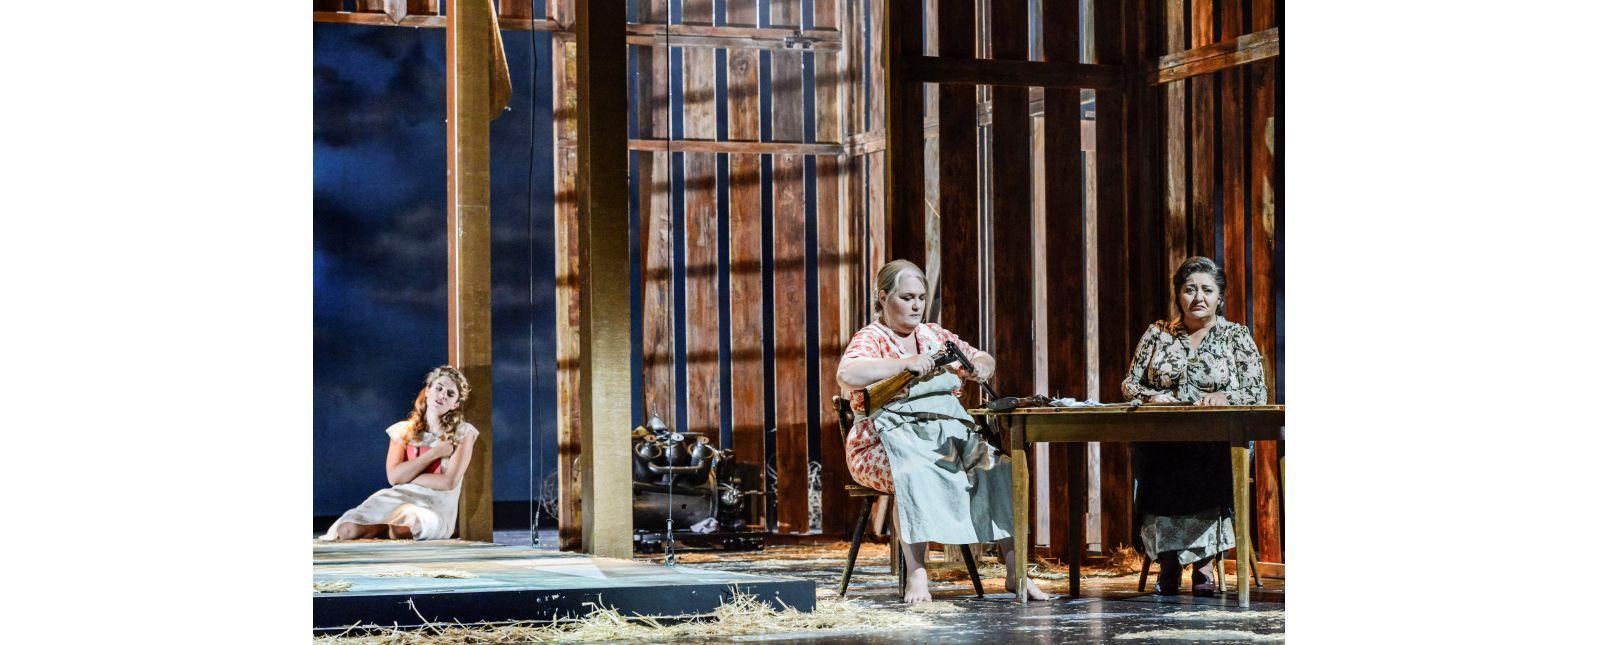 Eugen Onegin // Solen Mainguené // Anja Jung // Satik Tumyan // 2018 // Tanja Dorendorf // T+T Fotografie